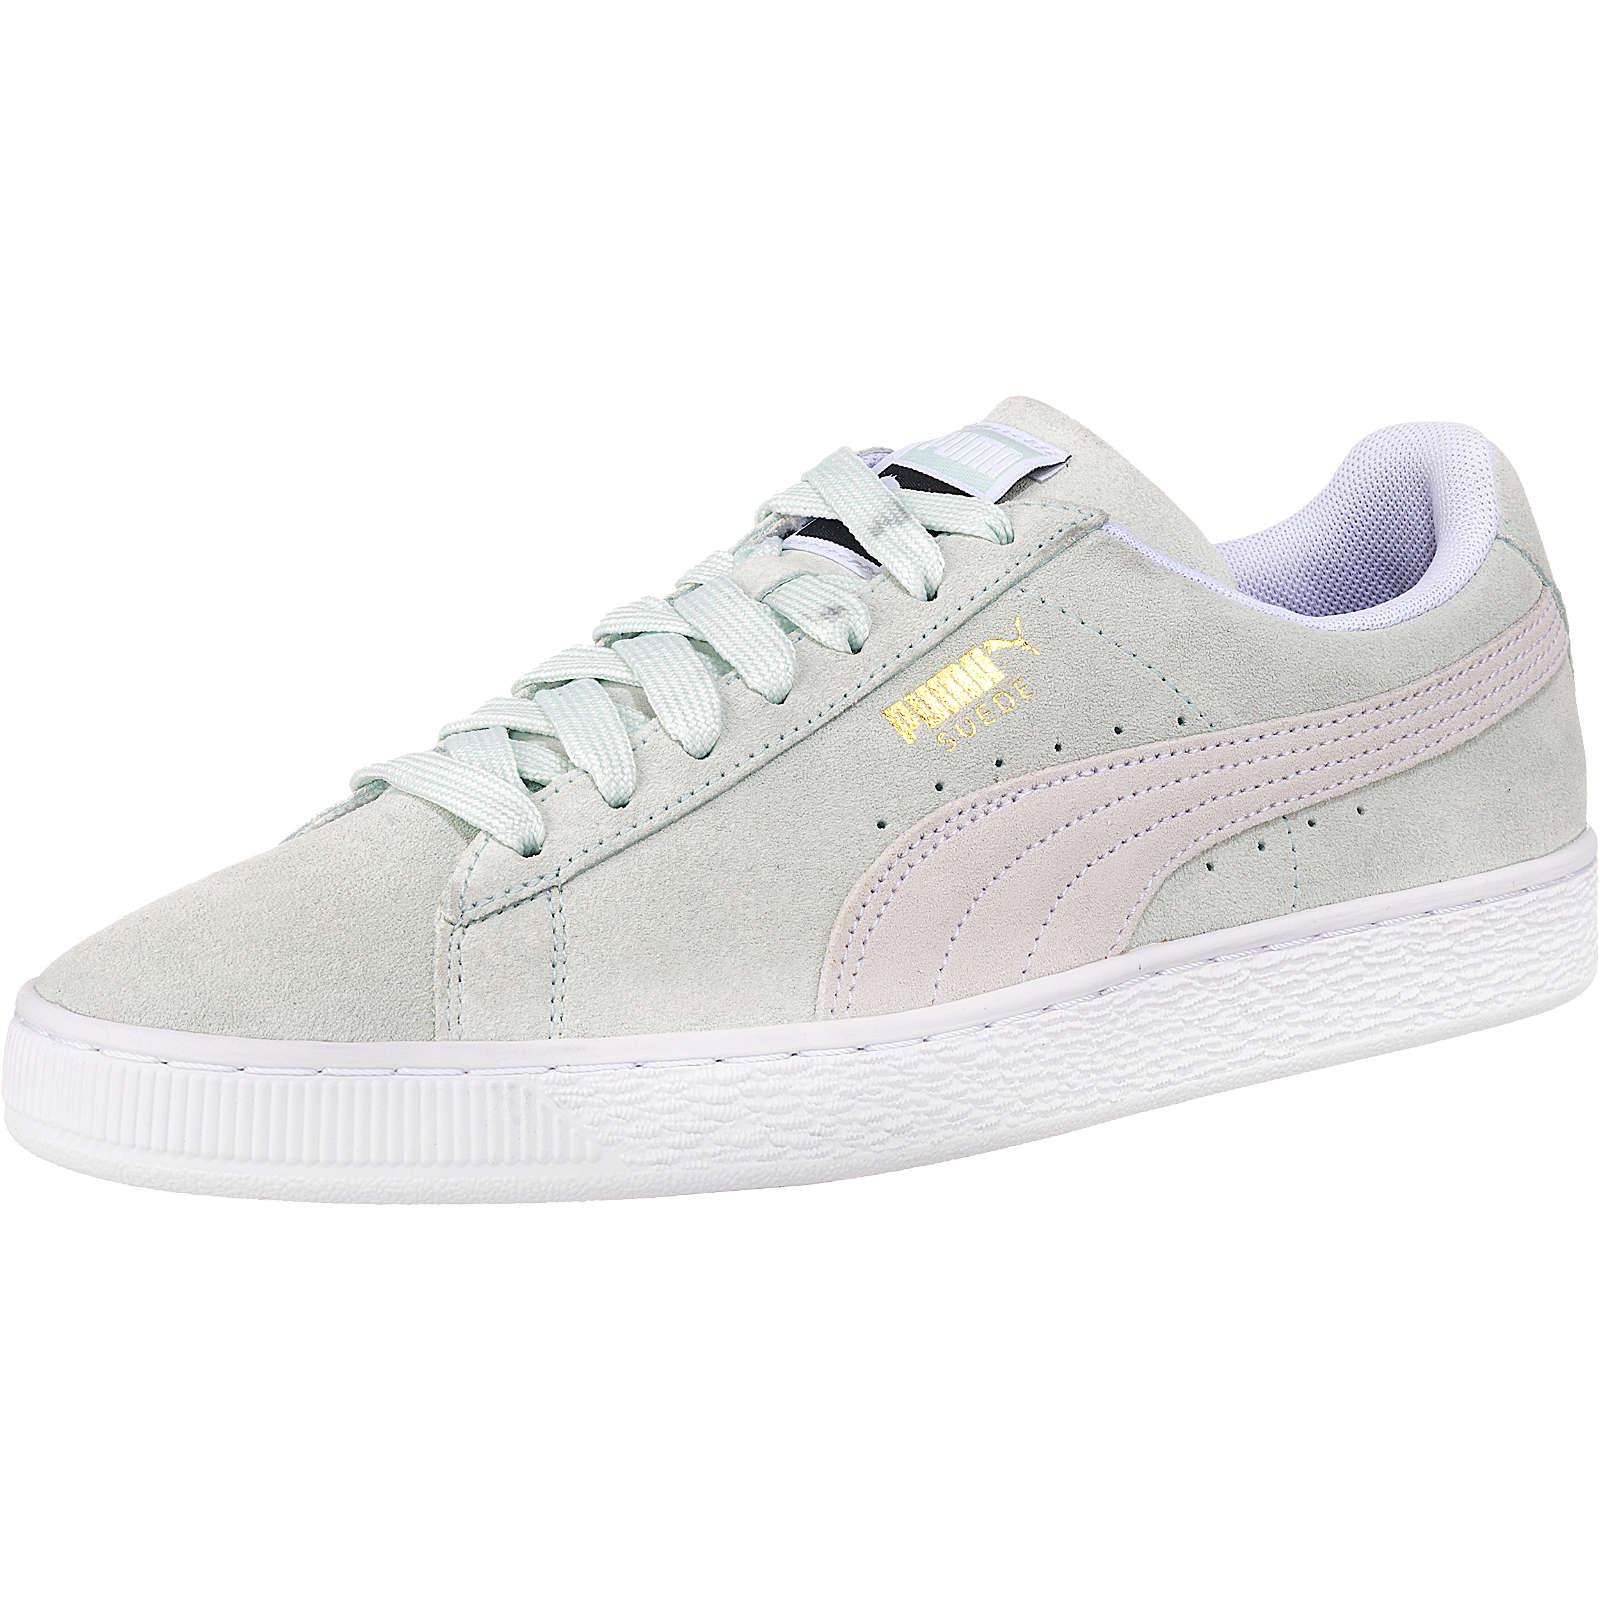 PUMA Suede Classic Sneakers weiß Damen Gr. 40